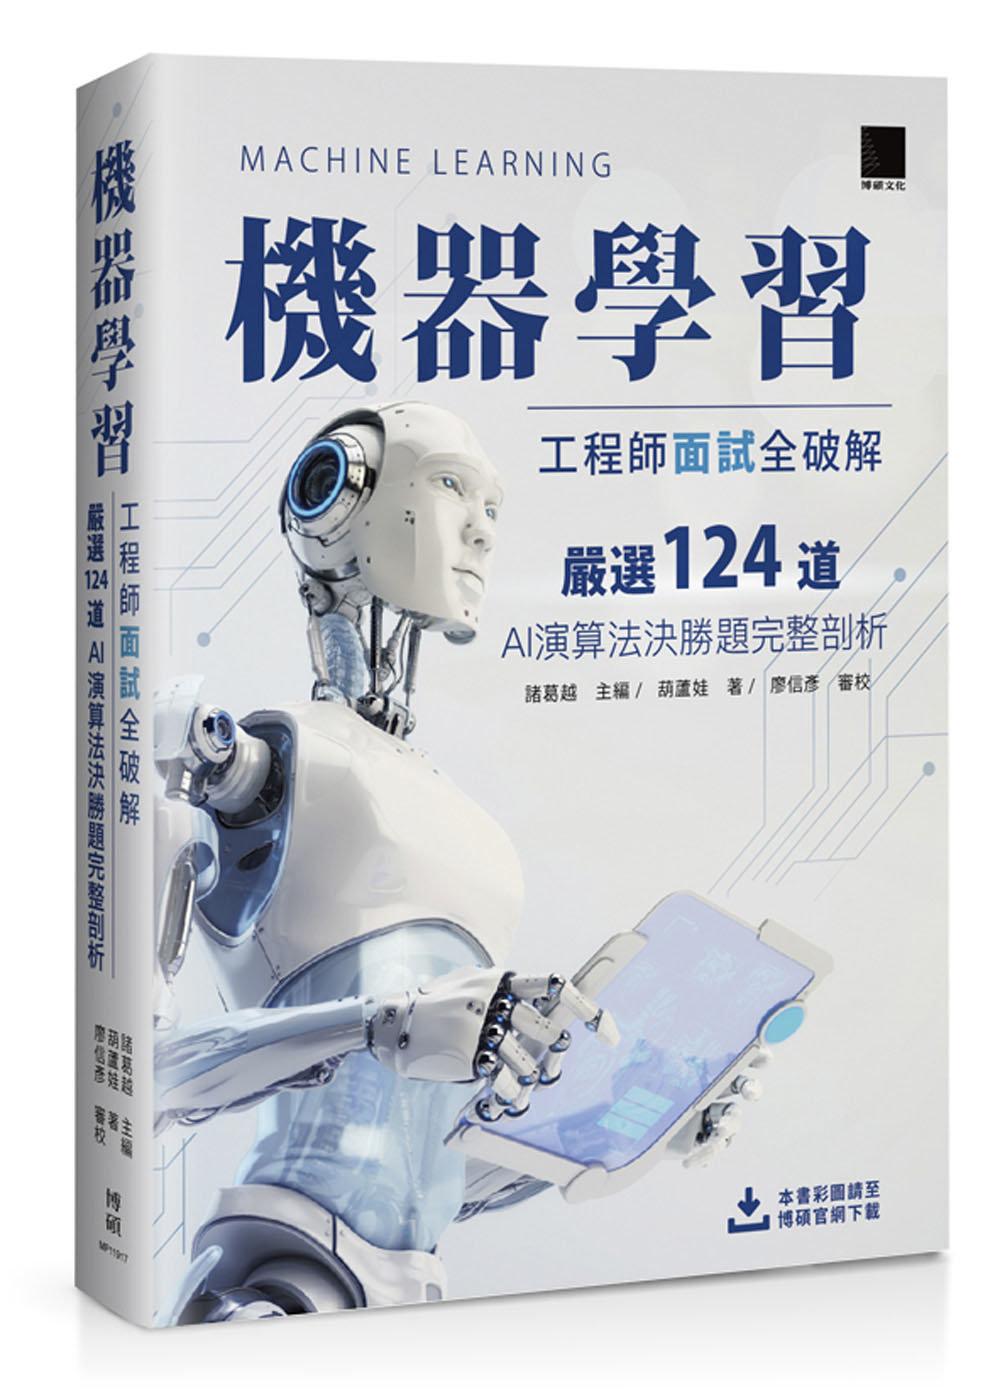 機器學習工程師面試全破解:嚴選124道AI演算法決勝題完整剖析-preview-1